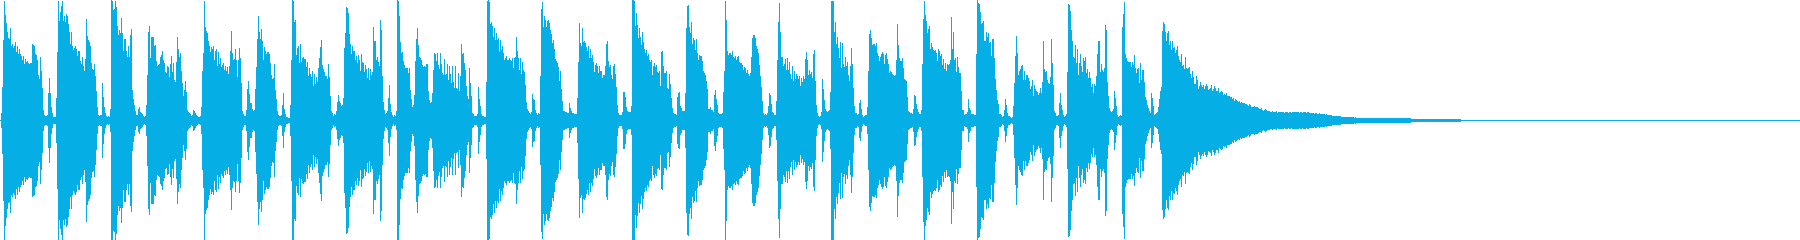 アコギによるジャズポップスの再生済みの波形